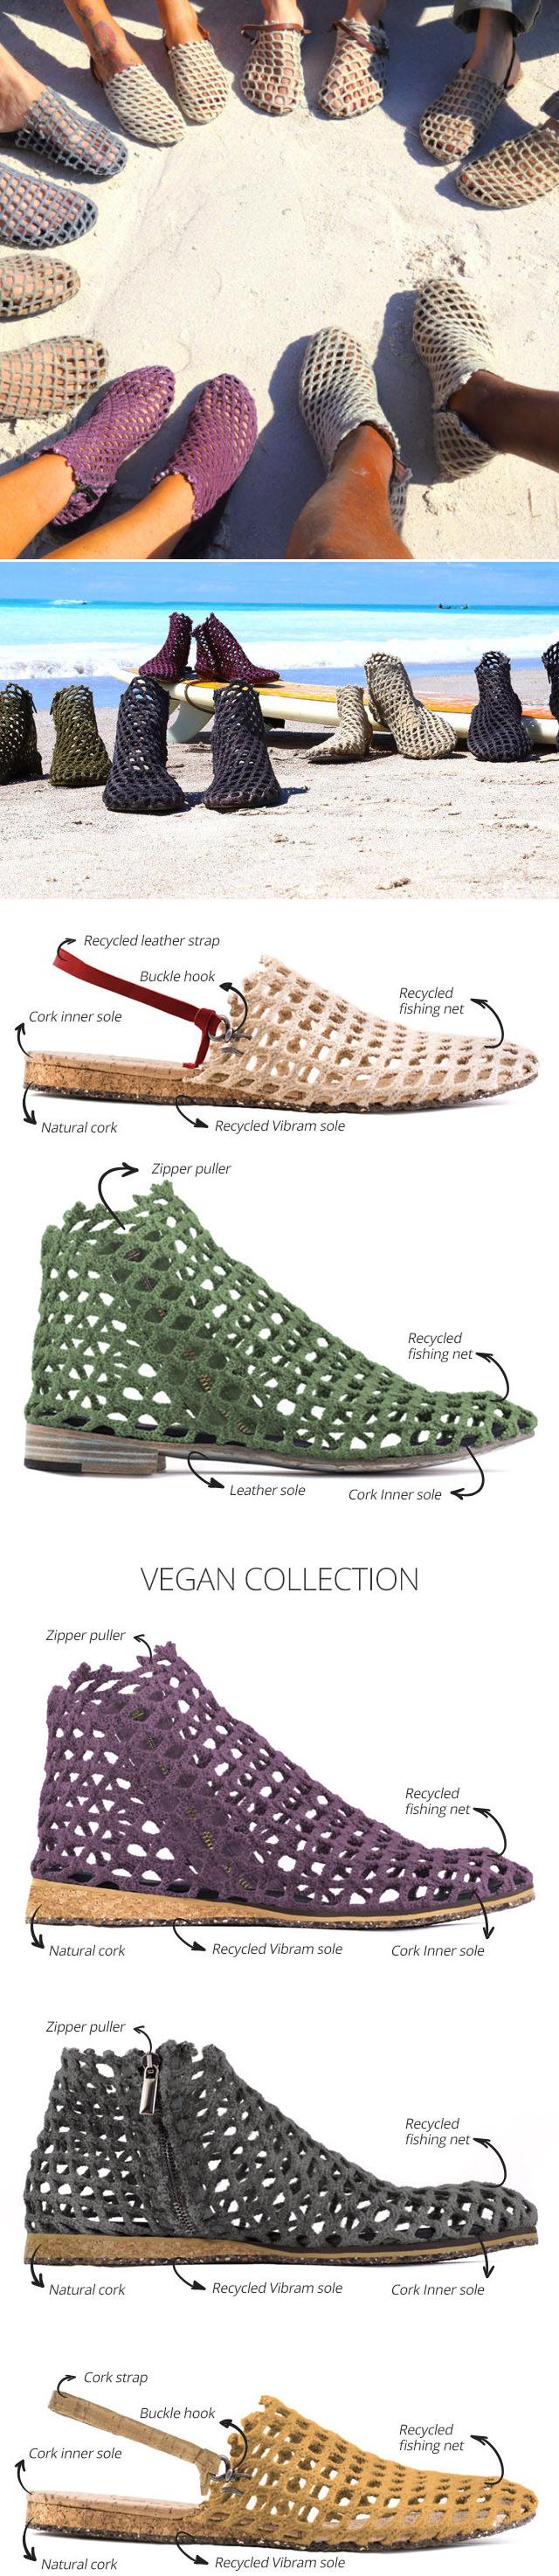 Verdura, os sapatos ecológicos feitos de rede de pesca recuperados stylo urbano-1